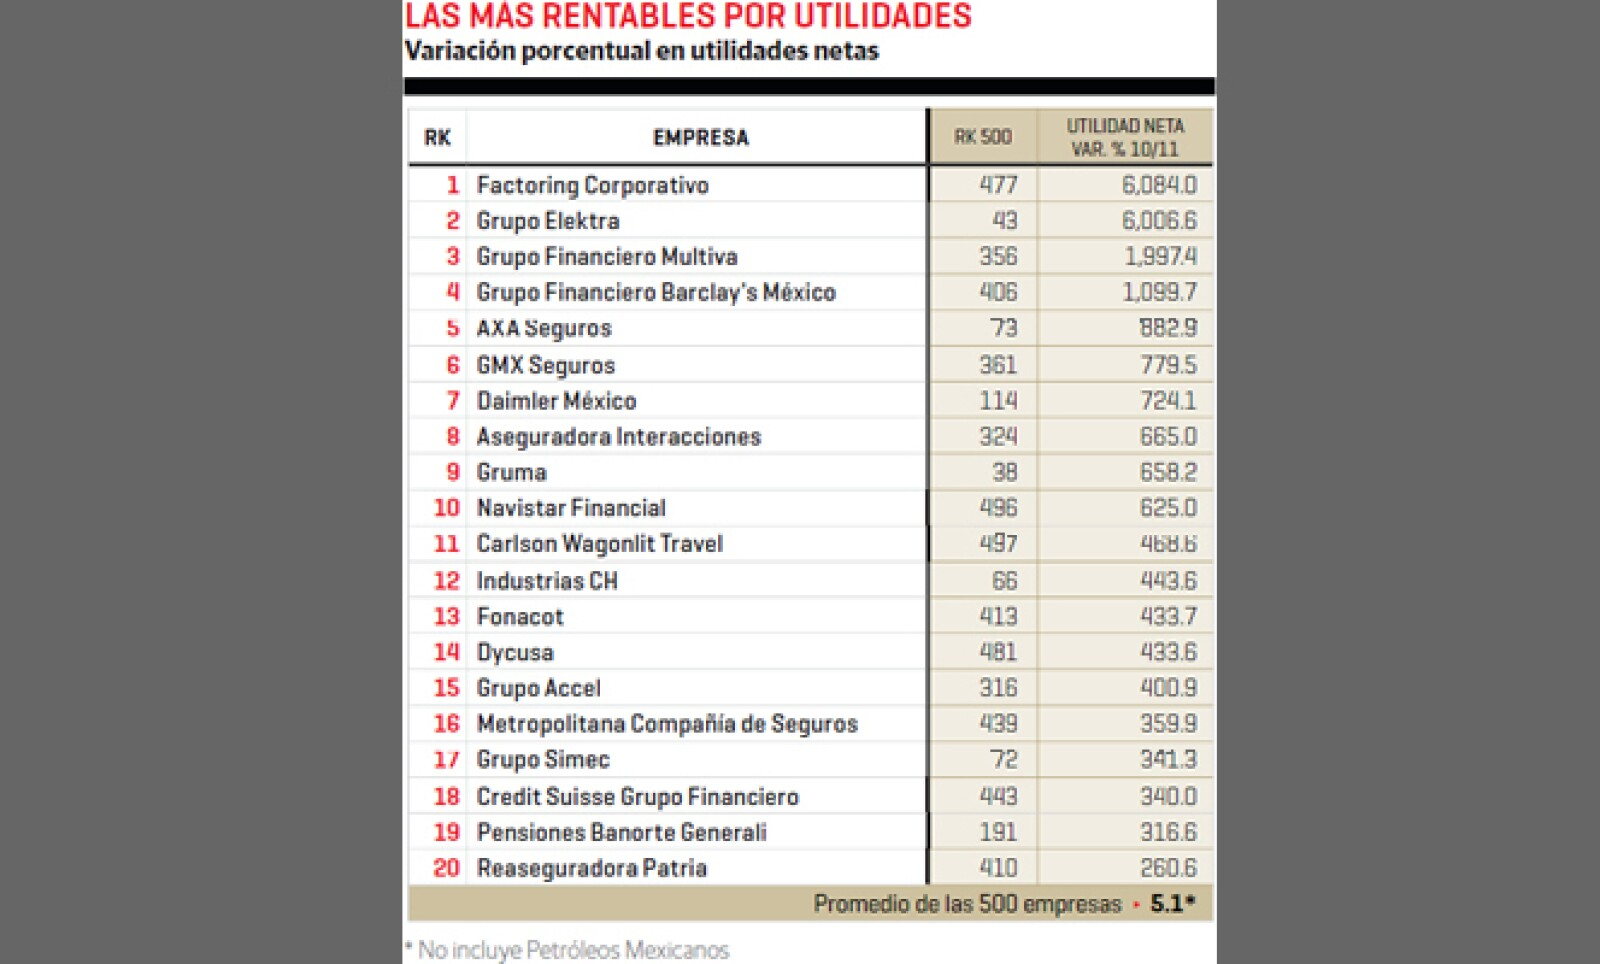 Factoring Corporativo y Grupo Elektra fueron las firmas más rentables por utilidades netas entre 2010 y 2011.